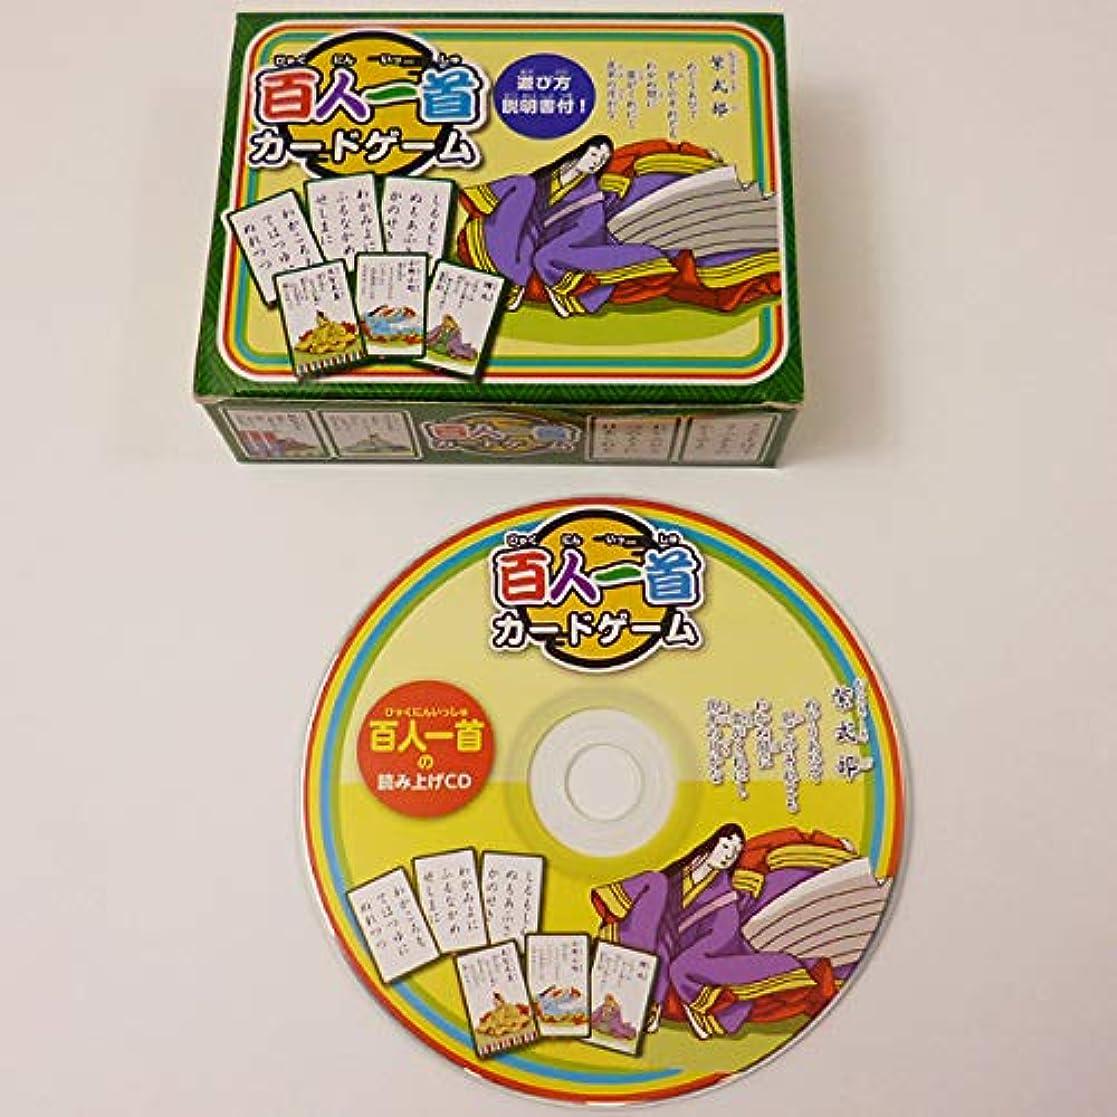 示すピラミッドシンプルさ百人一首カードゲーム CD付/カードゲーム かるた 21882